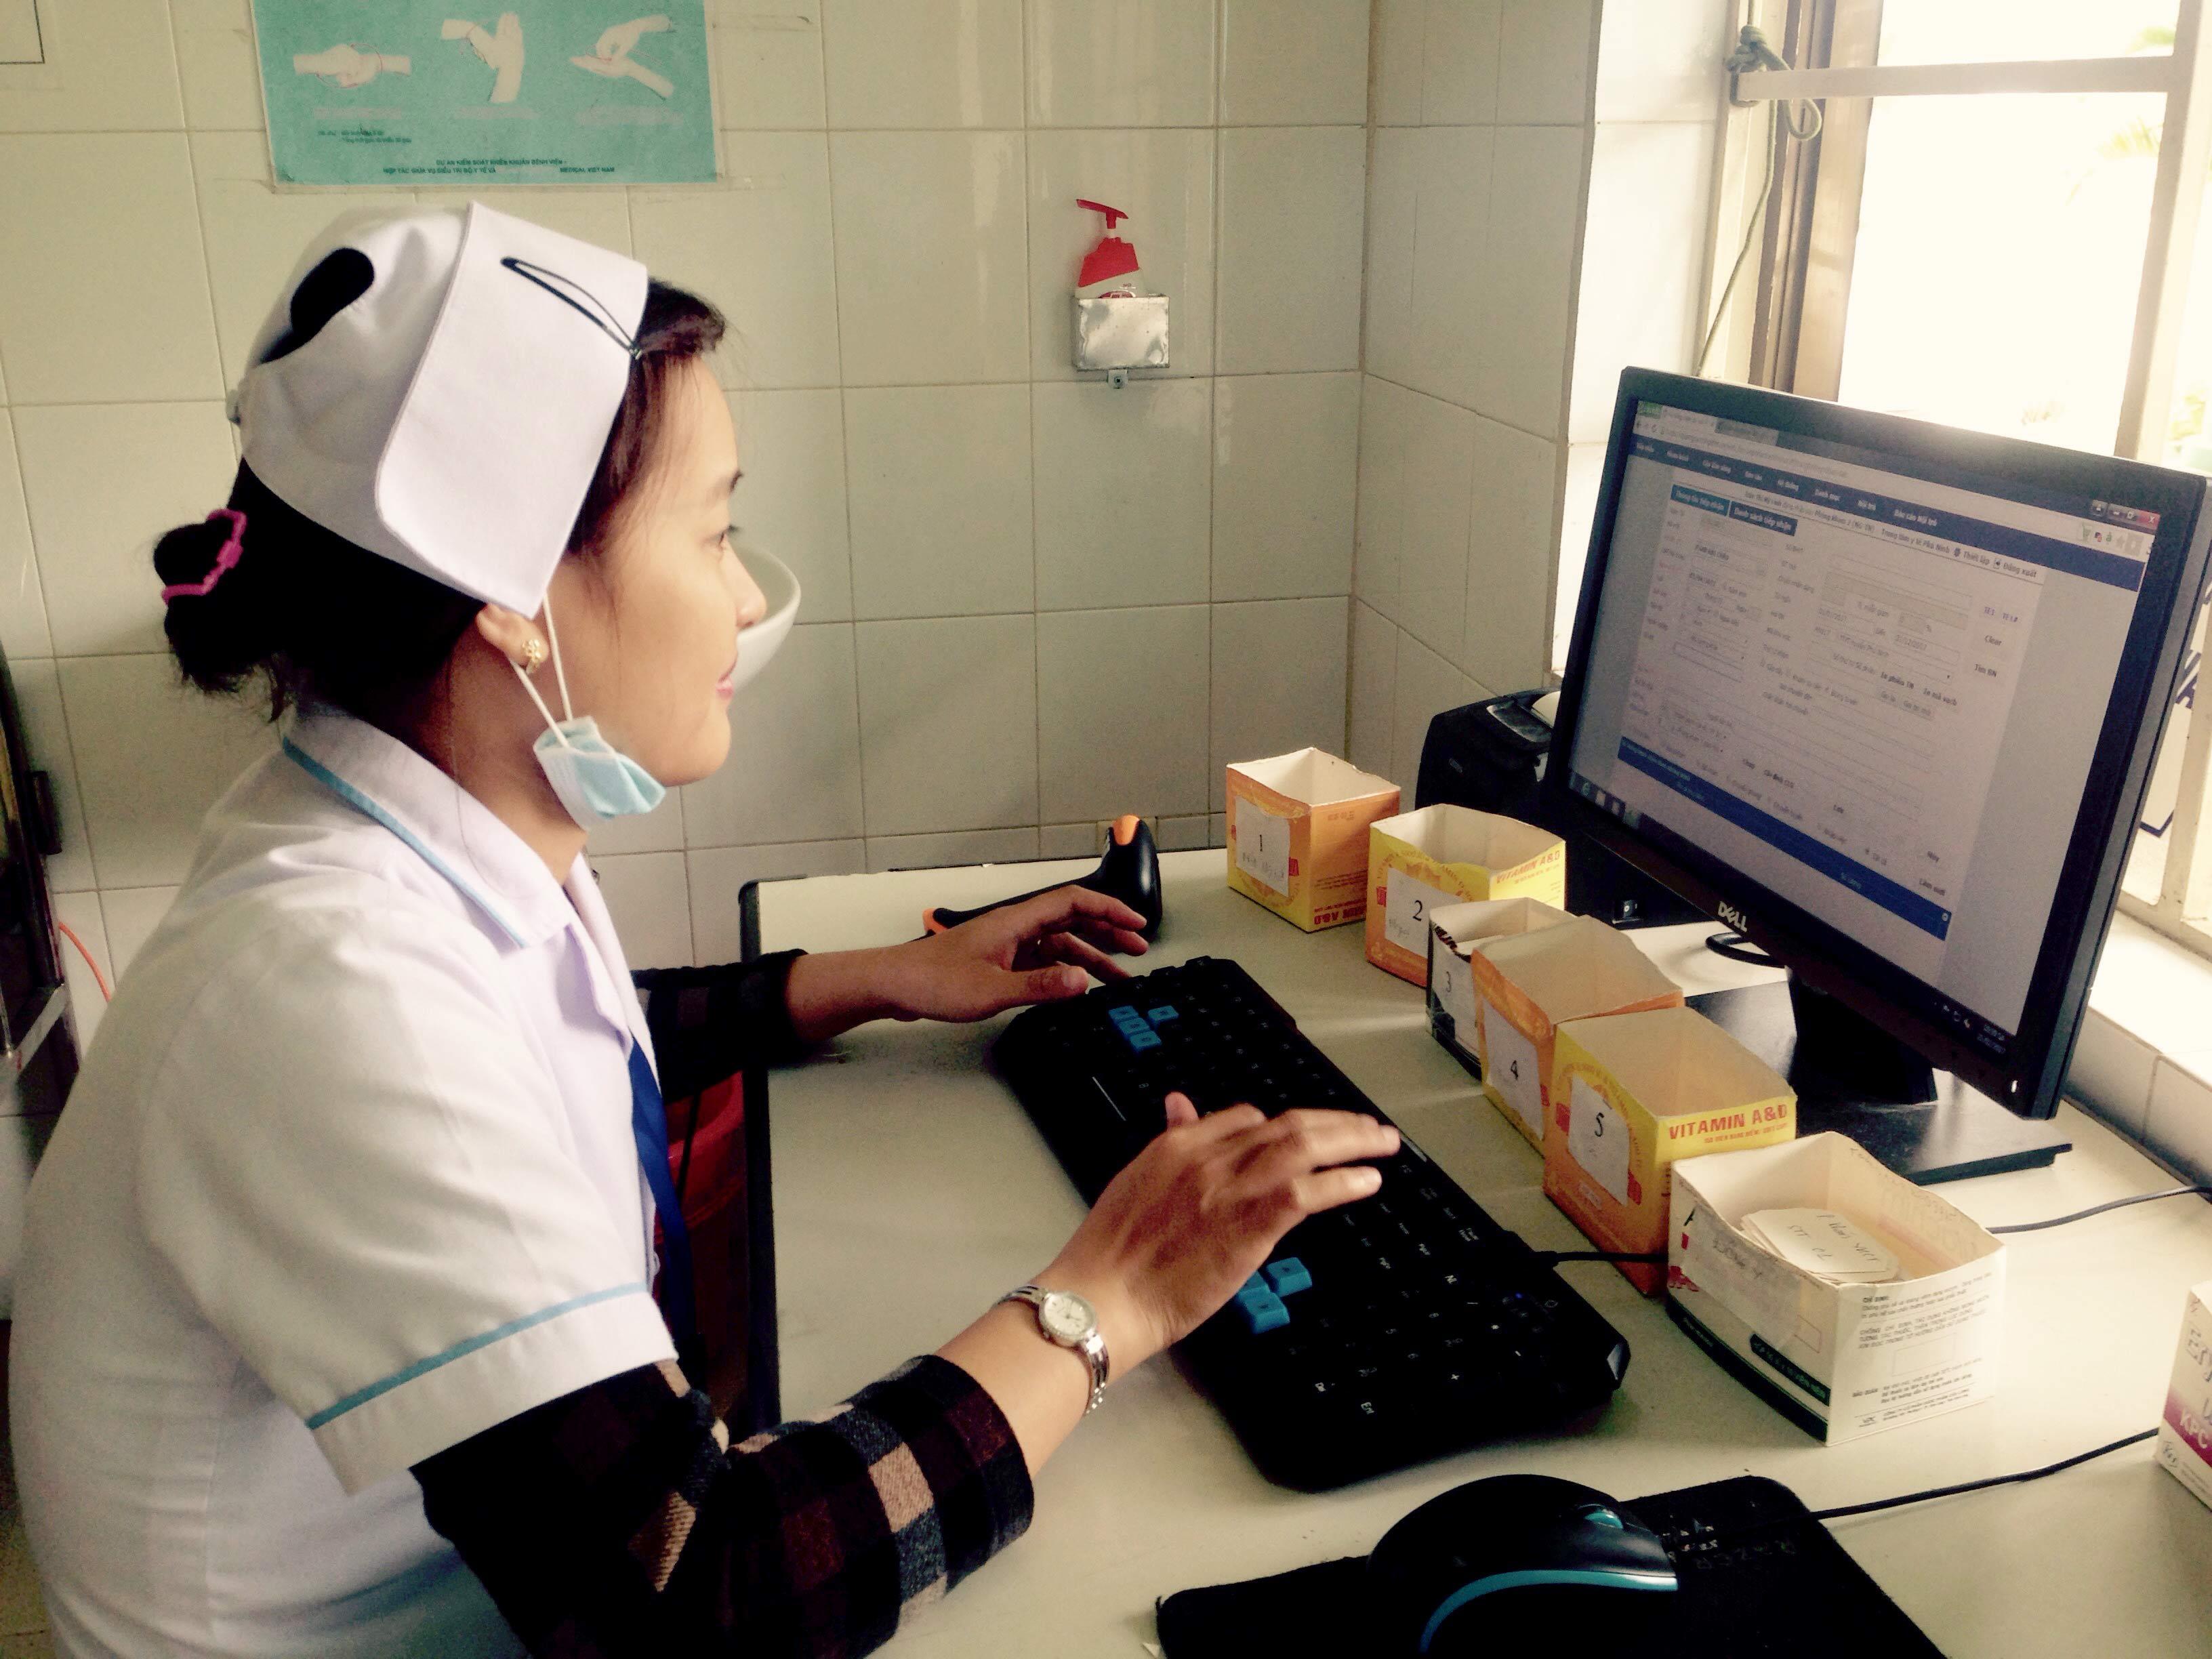 Những năm qua, việc áp dụng công nghệ thông tin đã giúp Trung tâm Y tế huyện Phú Ninh thuận lợi hơn trong công tác khám chữa bệnh. Ảnh: CHÂU PHƯỚC